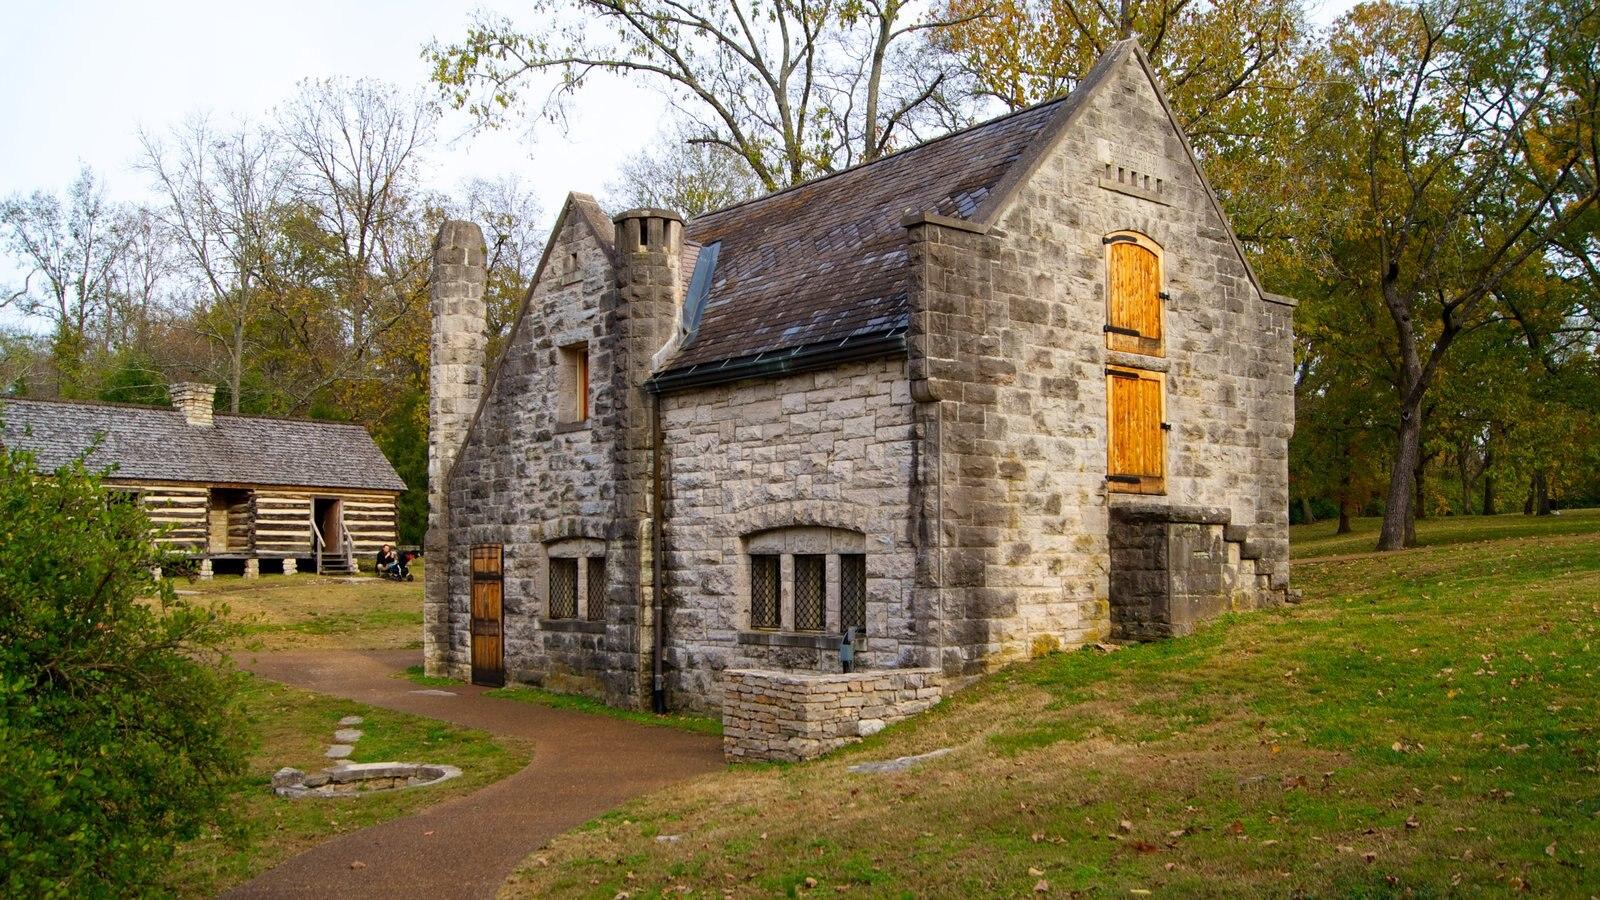 Belle Meade Plantation que incluye una casa y patrimonio de arquitectura